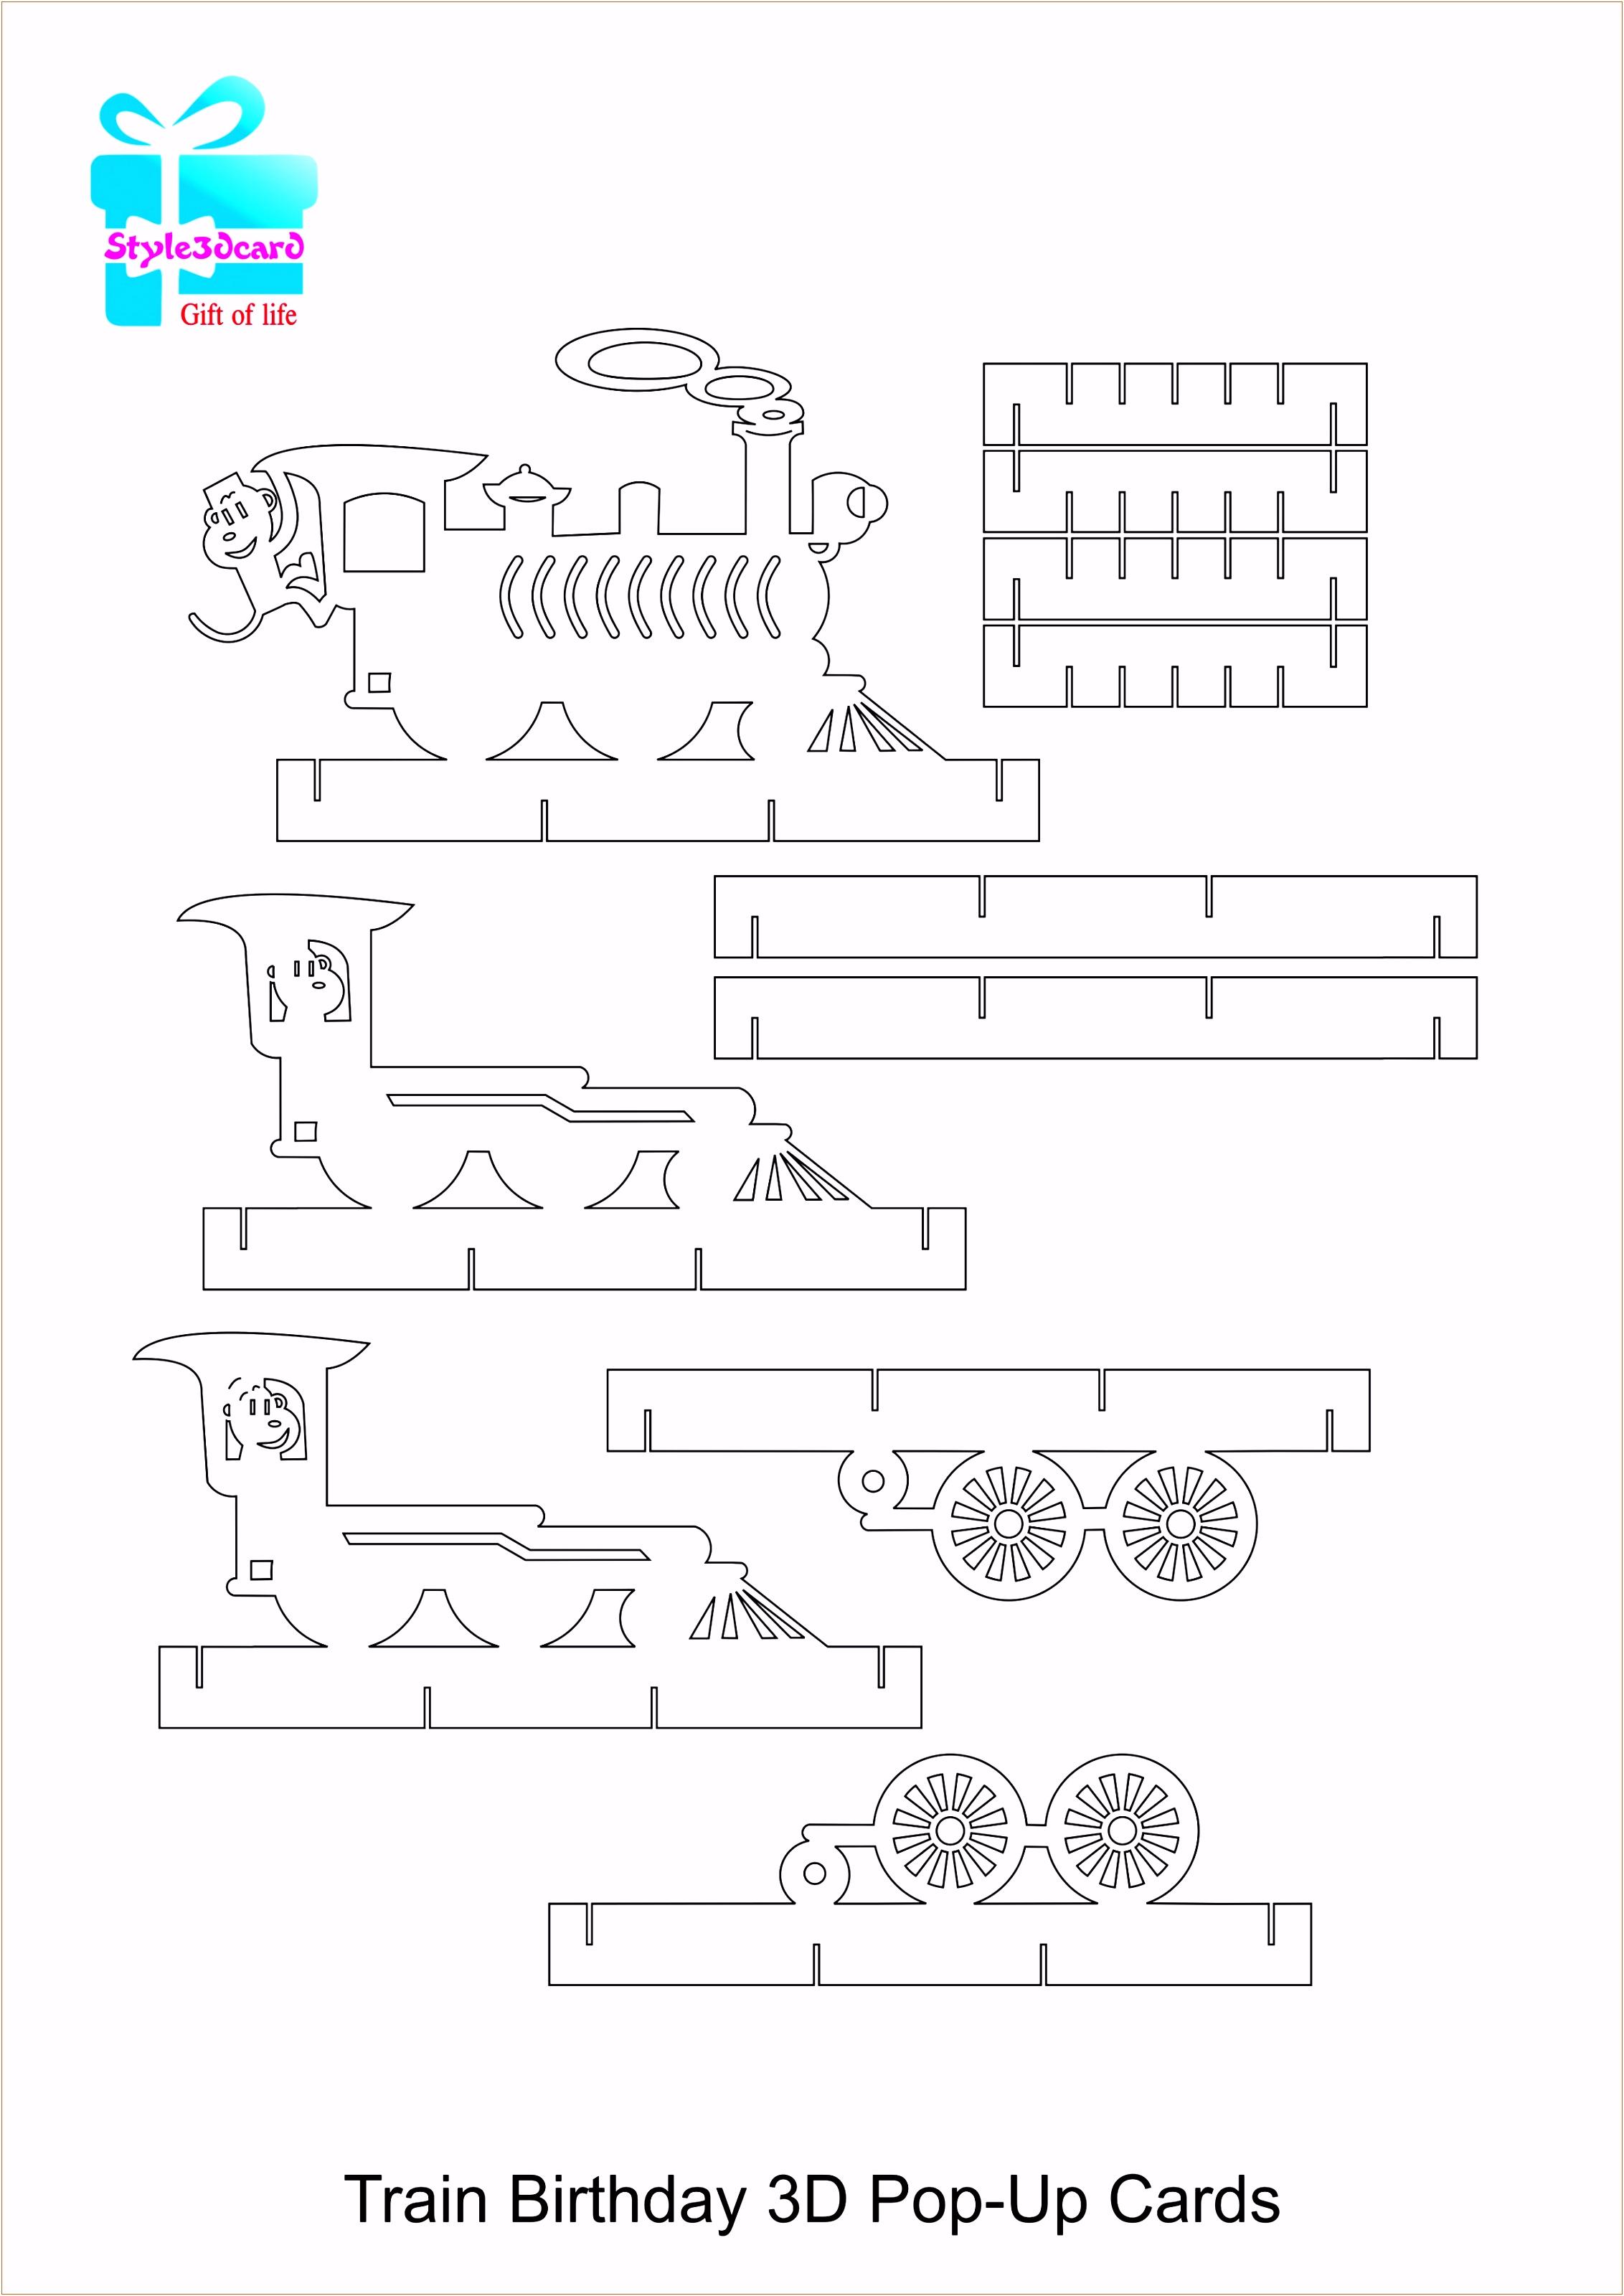 10 Training Logbuch Vorlage Vorlagen123 Vorlagen123